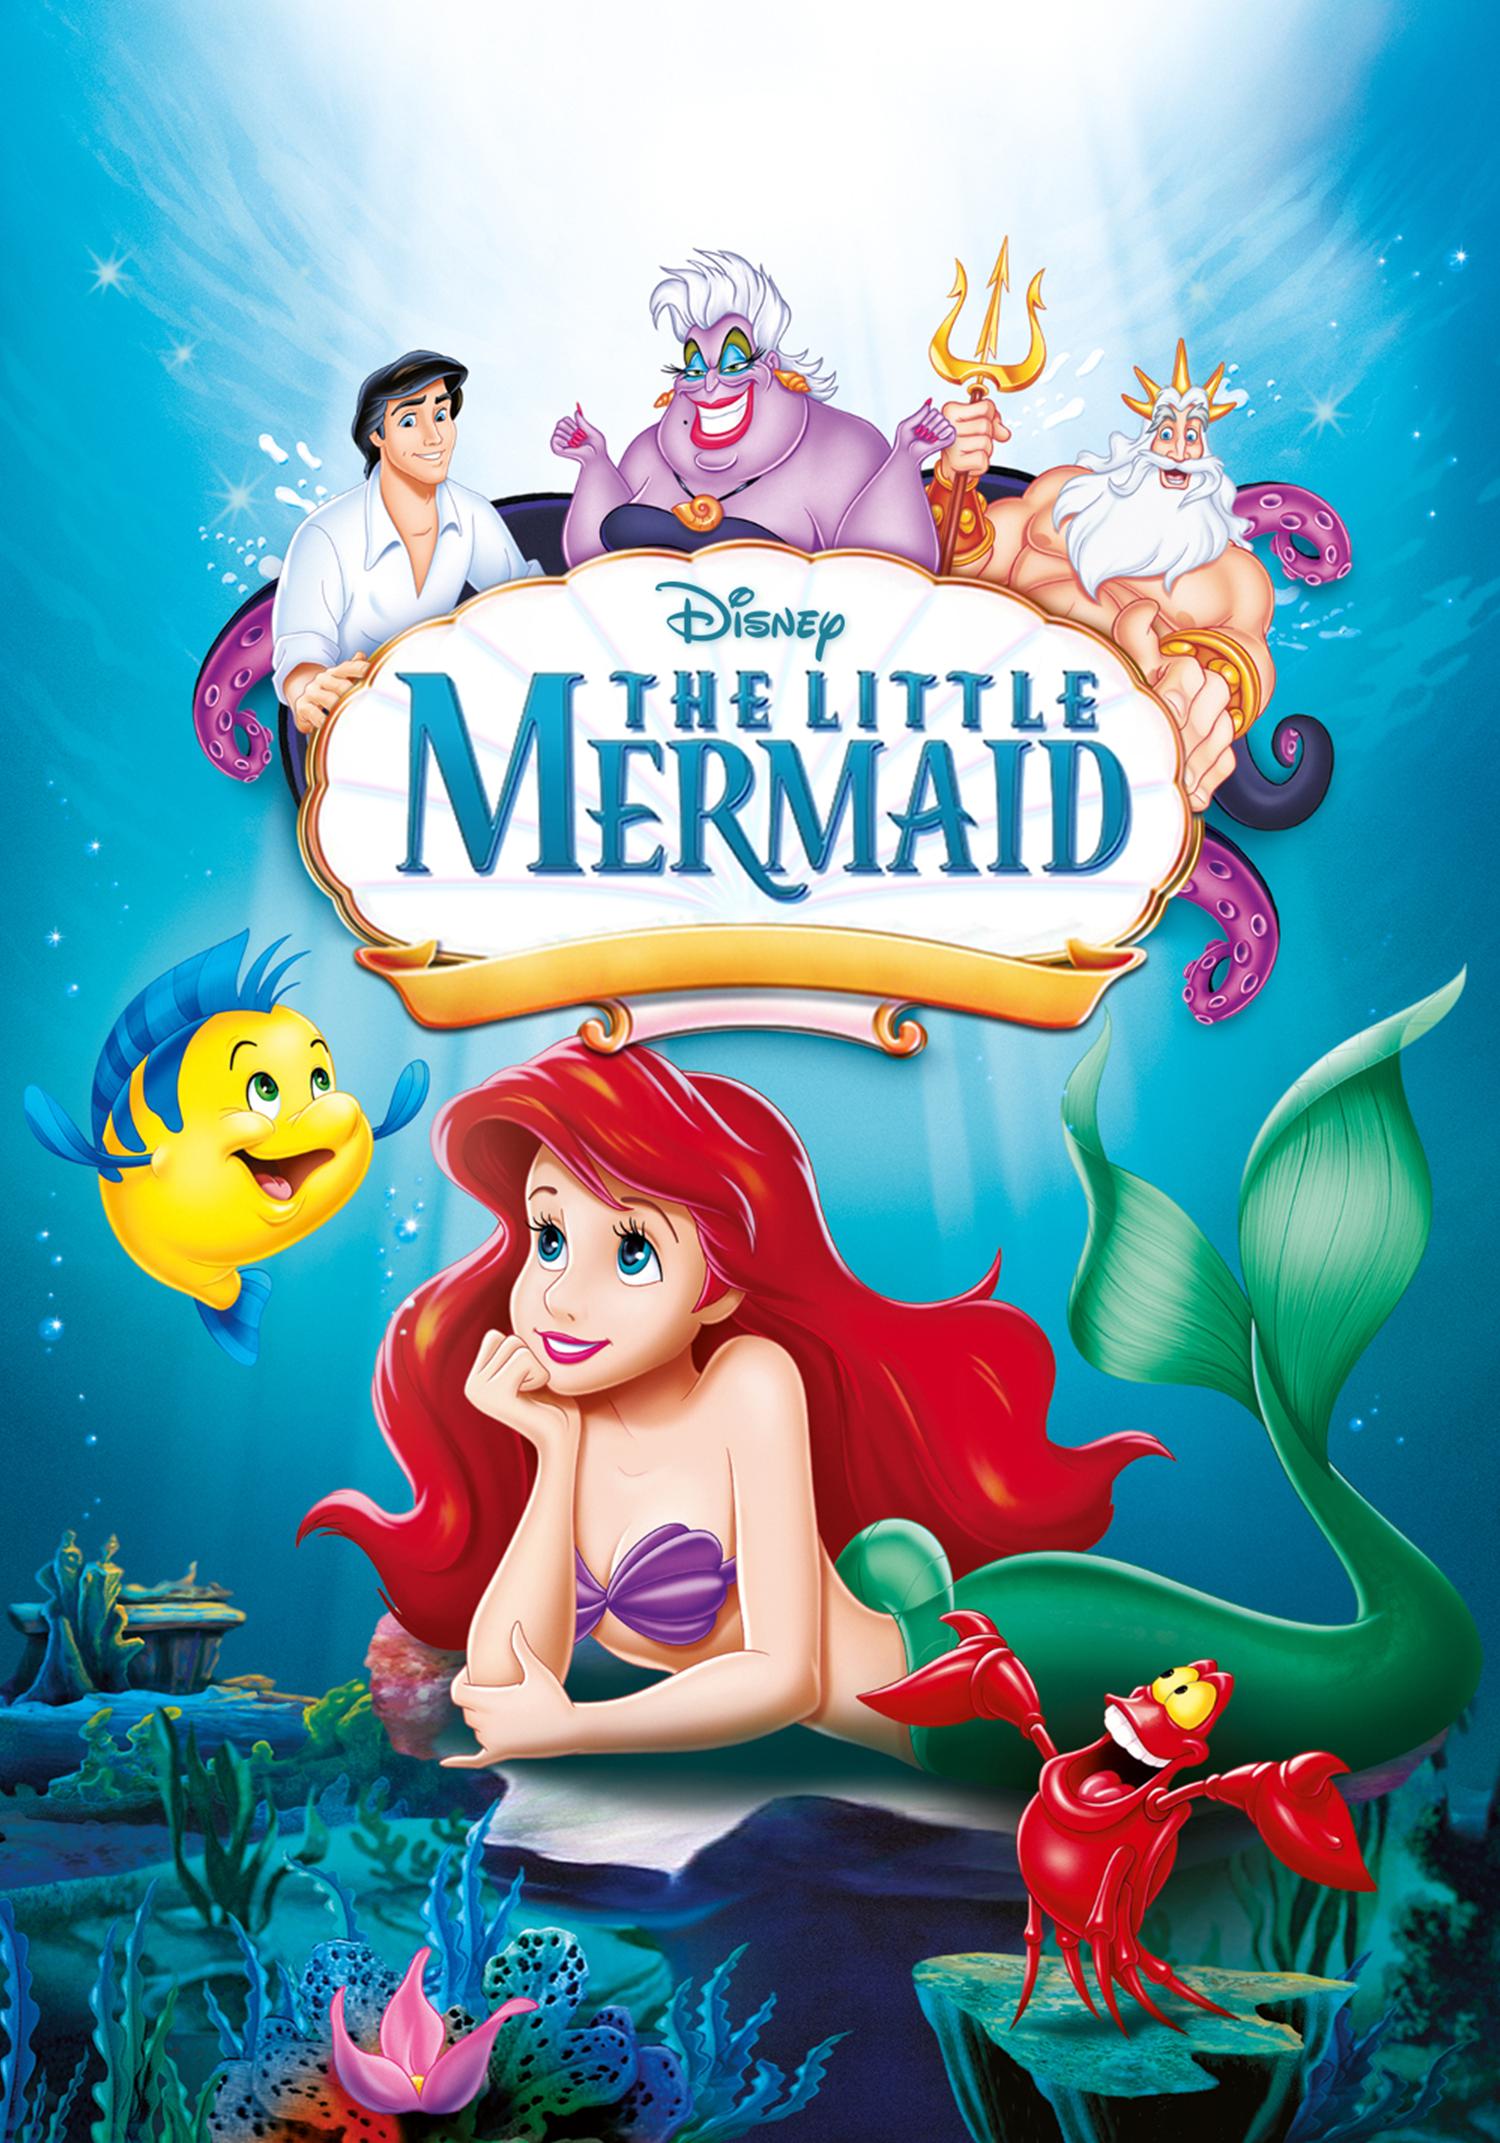 Image result for LITTLE MERMAID POSTER Little mermaid